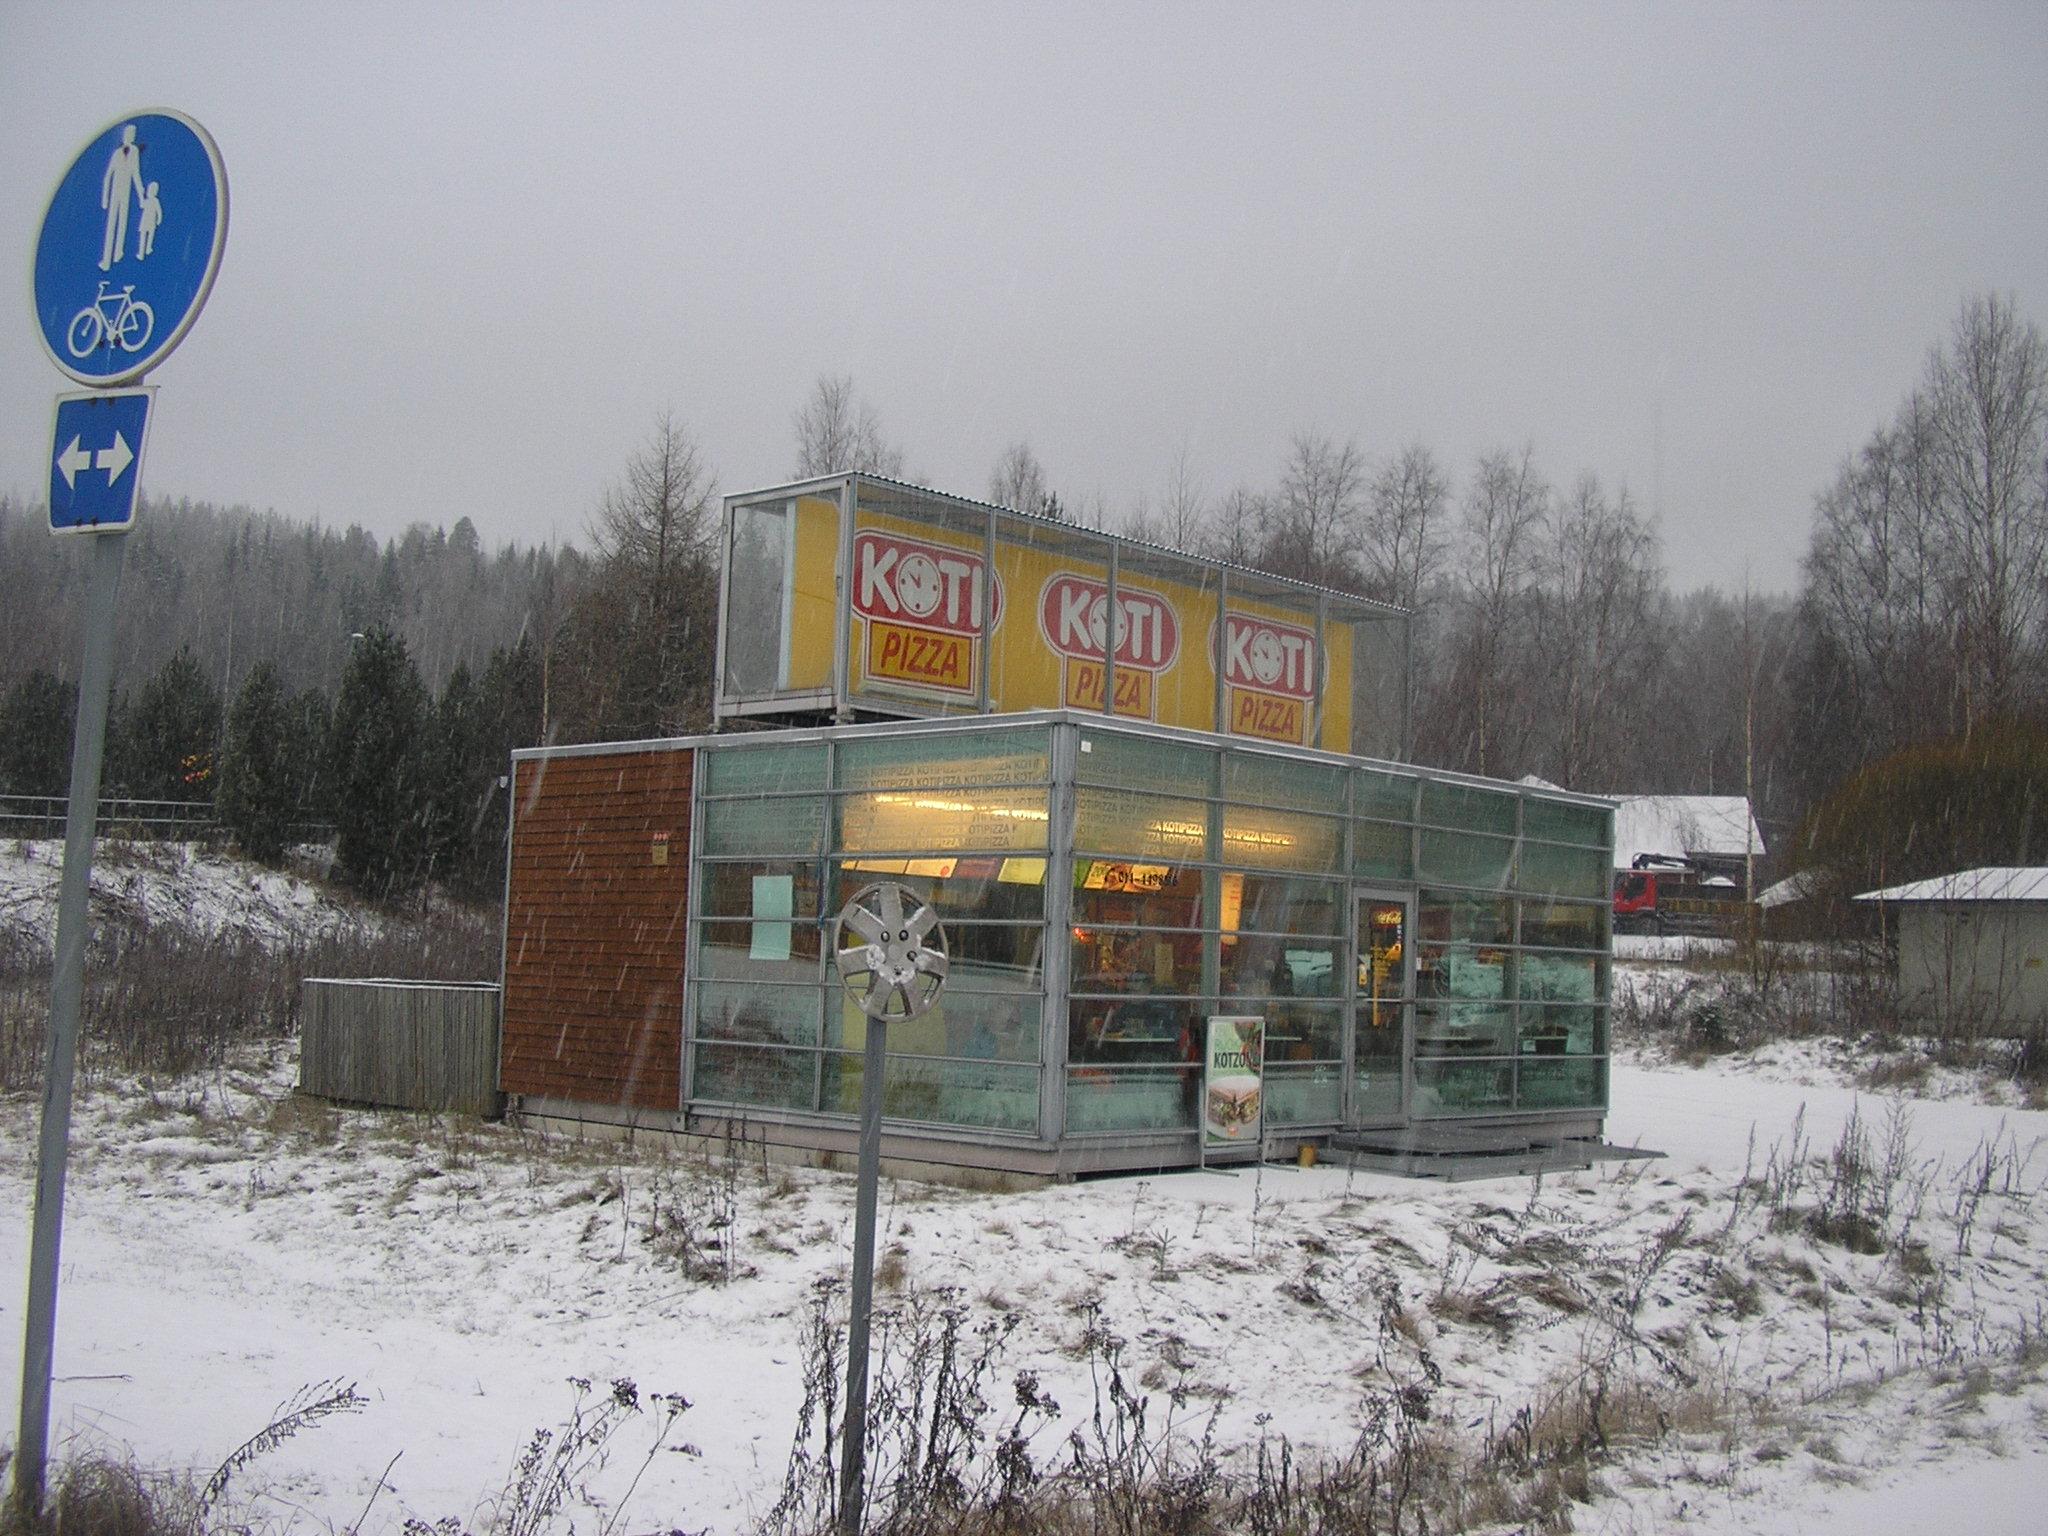 Kotipizza keljo